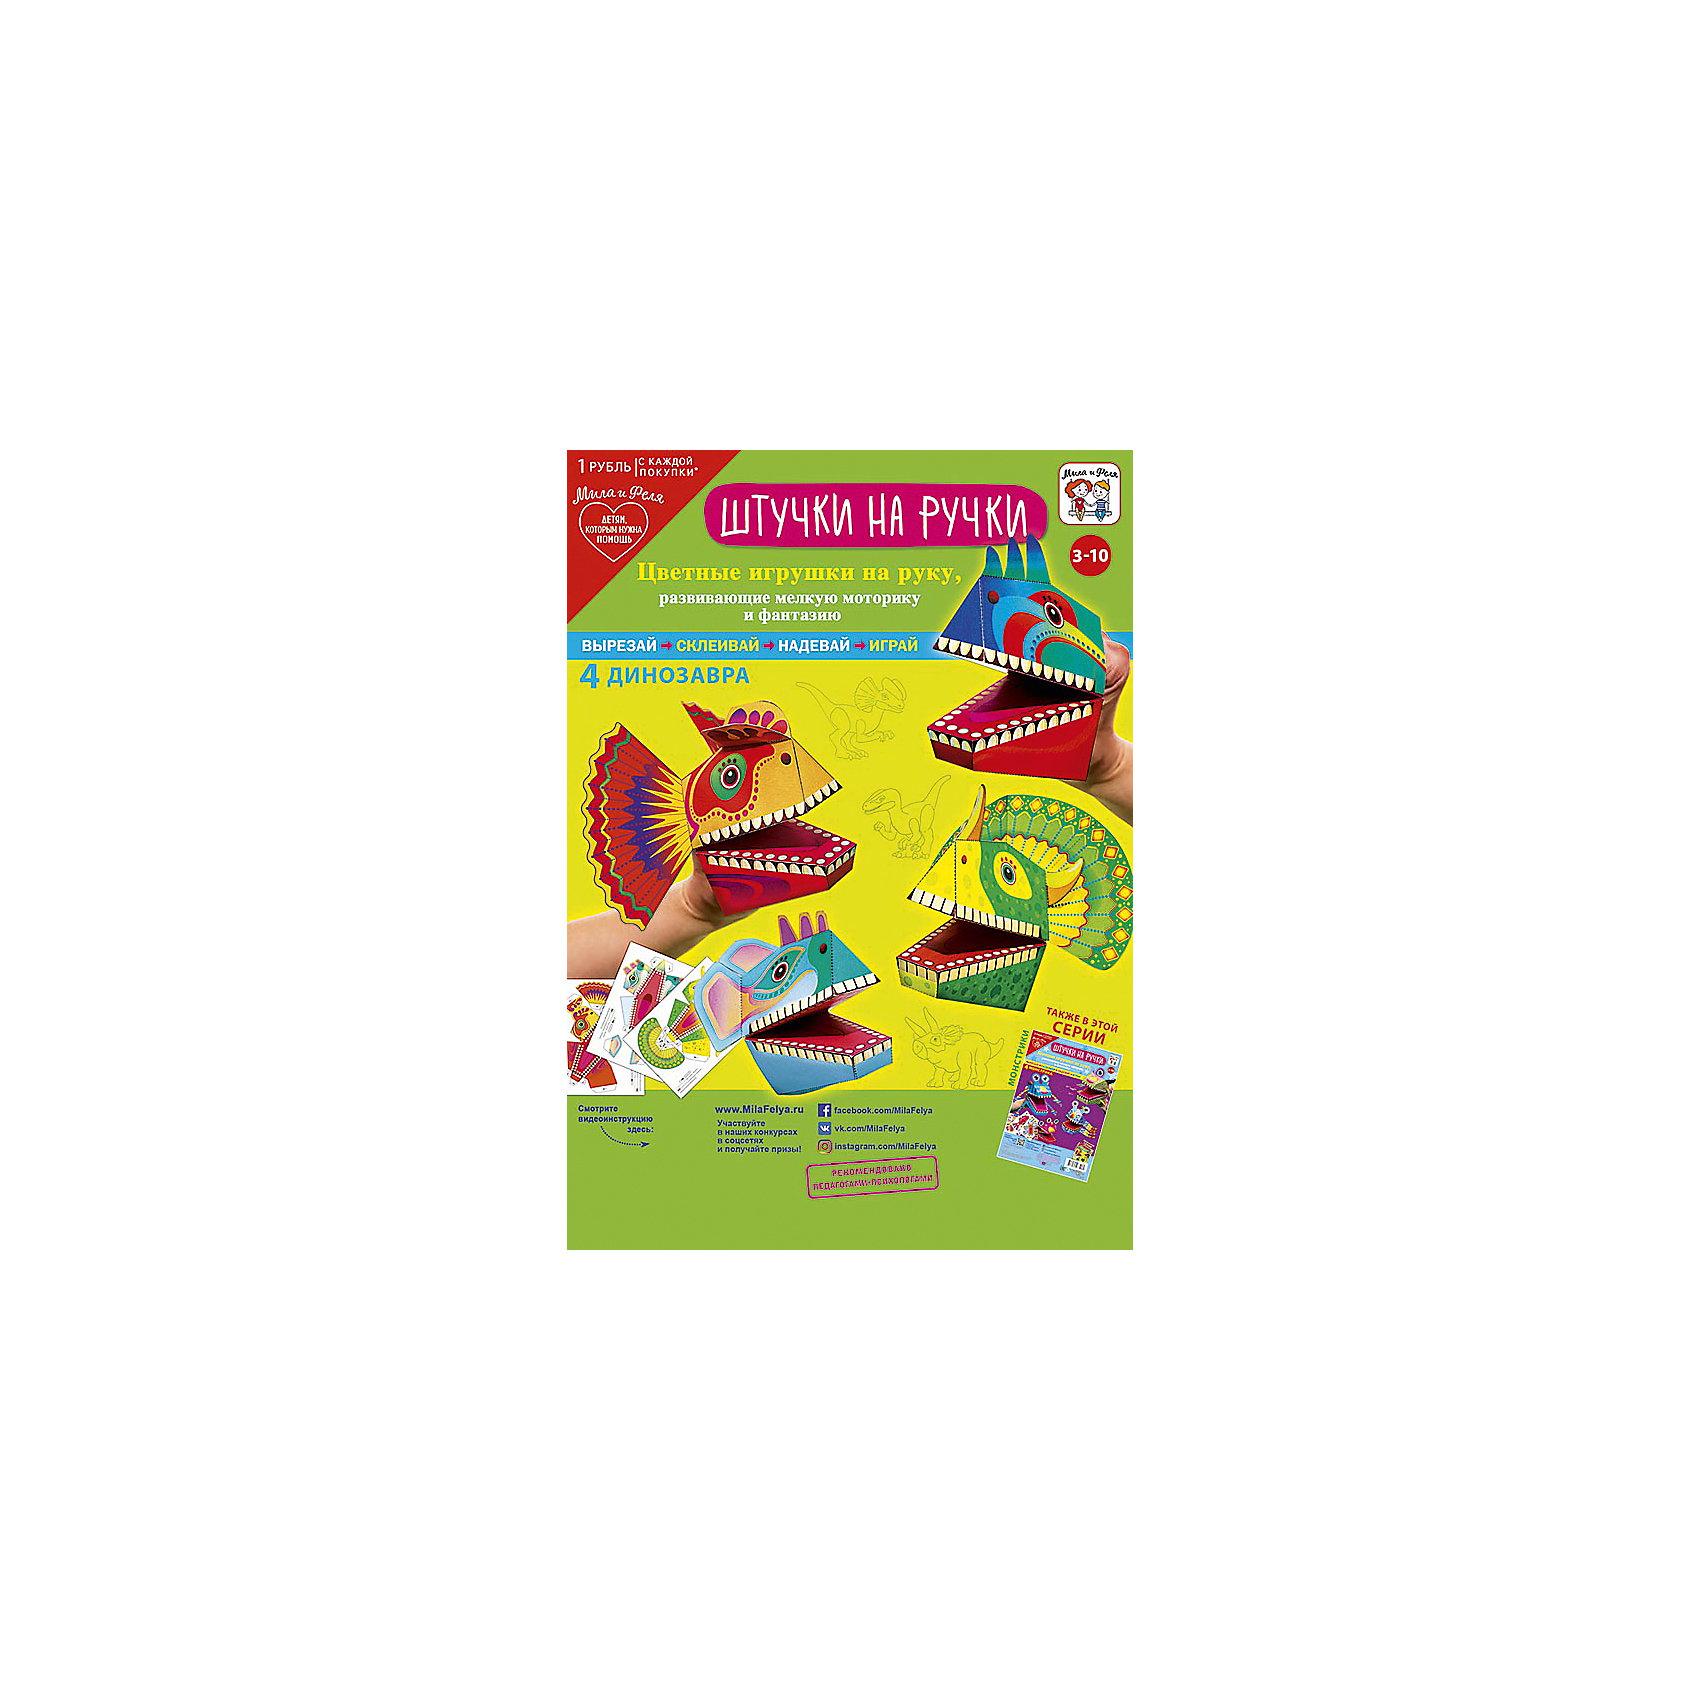 Набор игровой для творчества Мила и Феля - Штучки на ручки - 4 динозавраБумага<br>Мила и Феля - это товары для детского и семейного творчества и игры. Они созданы для детей от 3 до 10 лет. Все продукты бренда позволяют ребятам фантазировать, творить, создавать, а родителям - познавать внутренний мир своего ребенка через игру. Штучки на ручки - это набор из 4-х бумажных игрушек, которые ребенок сам вырезает и склеивает по простой и понятной схеме. Готовые игрушки надеваются на руки и открывают простор для воображения и игры в ручной театр.  Для работы вам потребуется: ножницы, клей и хорошее настроение.<br><br>Ширина мм: 210<br>Глубина мм: 297<br>Высота мм: 2<br>Вес г: 36<br>Возраст от месяцев: 36<br>Возраст до месяцев: 2147483647<br>Пол: Унисекс<br>Возраст: Детский<br>SKU: 7127553